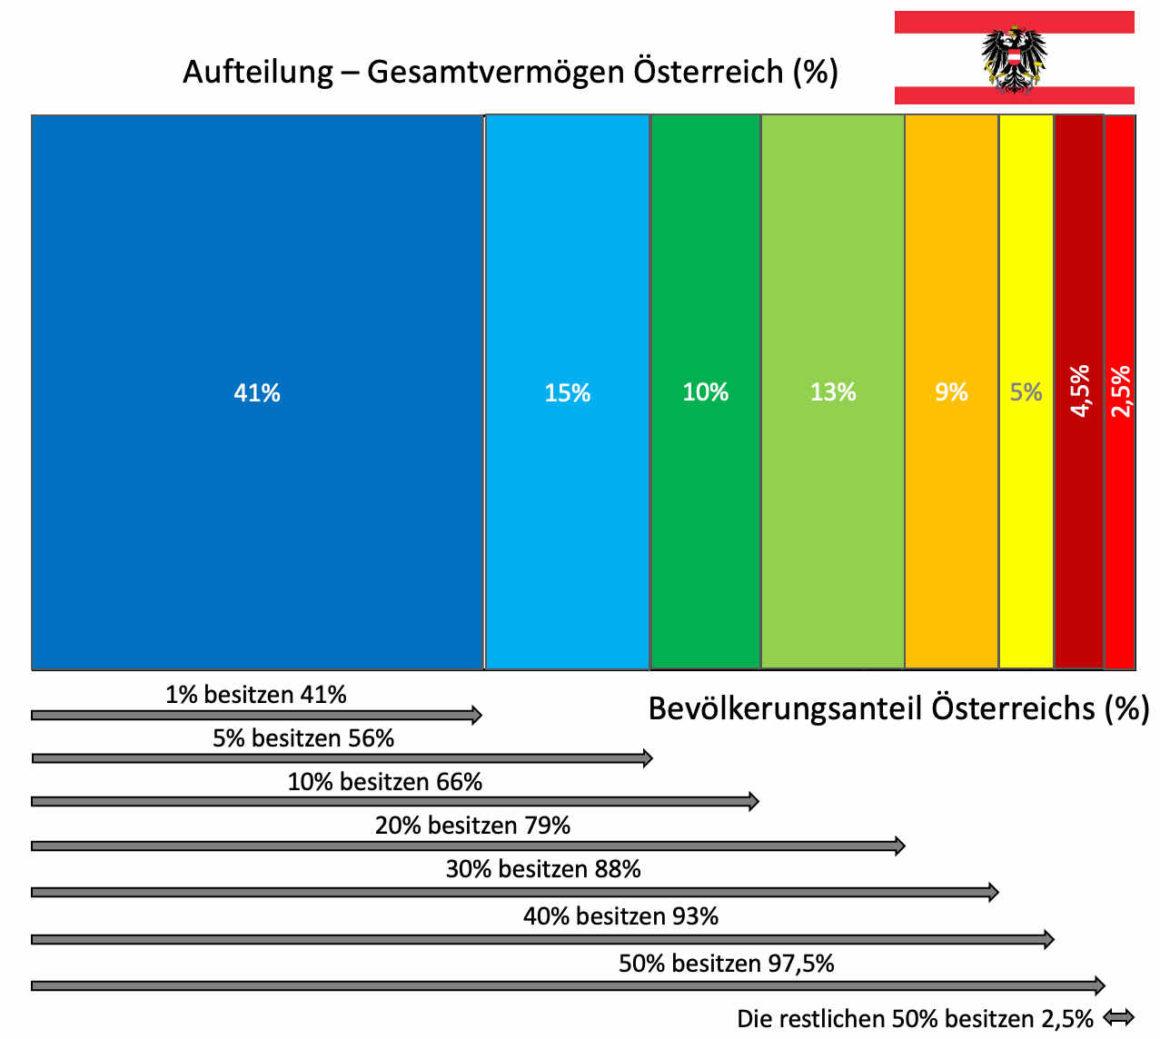 Das Schema zeigt die Aufteilund des Gesamtvermögens in Österreich. nur 1% besitzen 41% des gesamten Volksermögens. Die einkommensschwächsten 50% besitzen nur 2,5% des gesamten Volsvermögens.